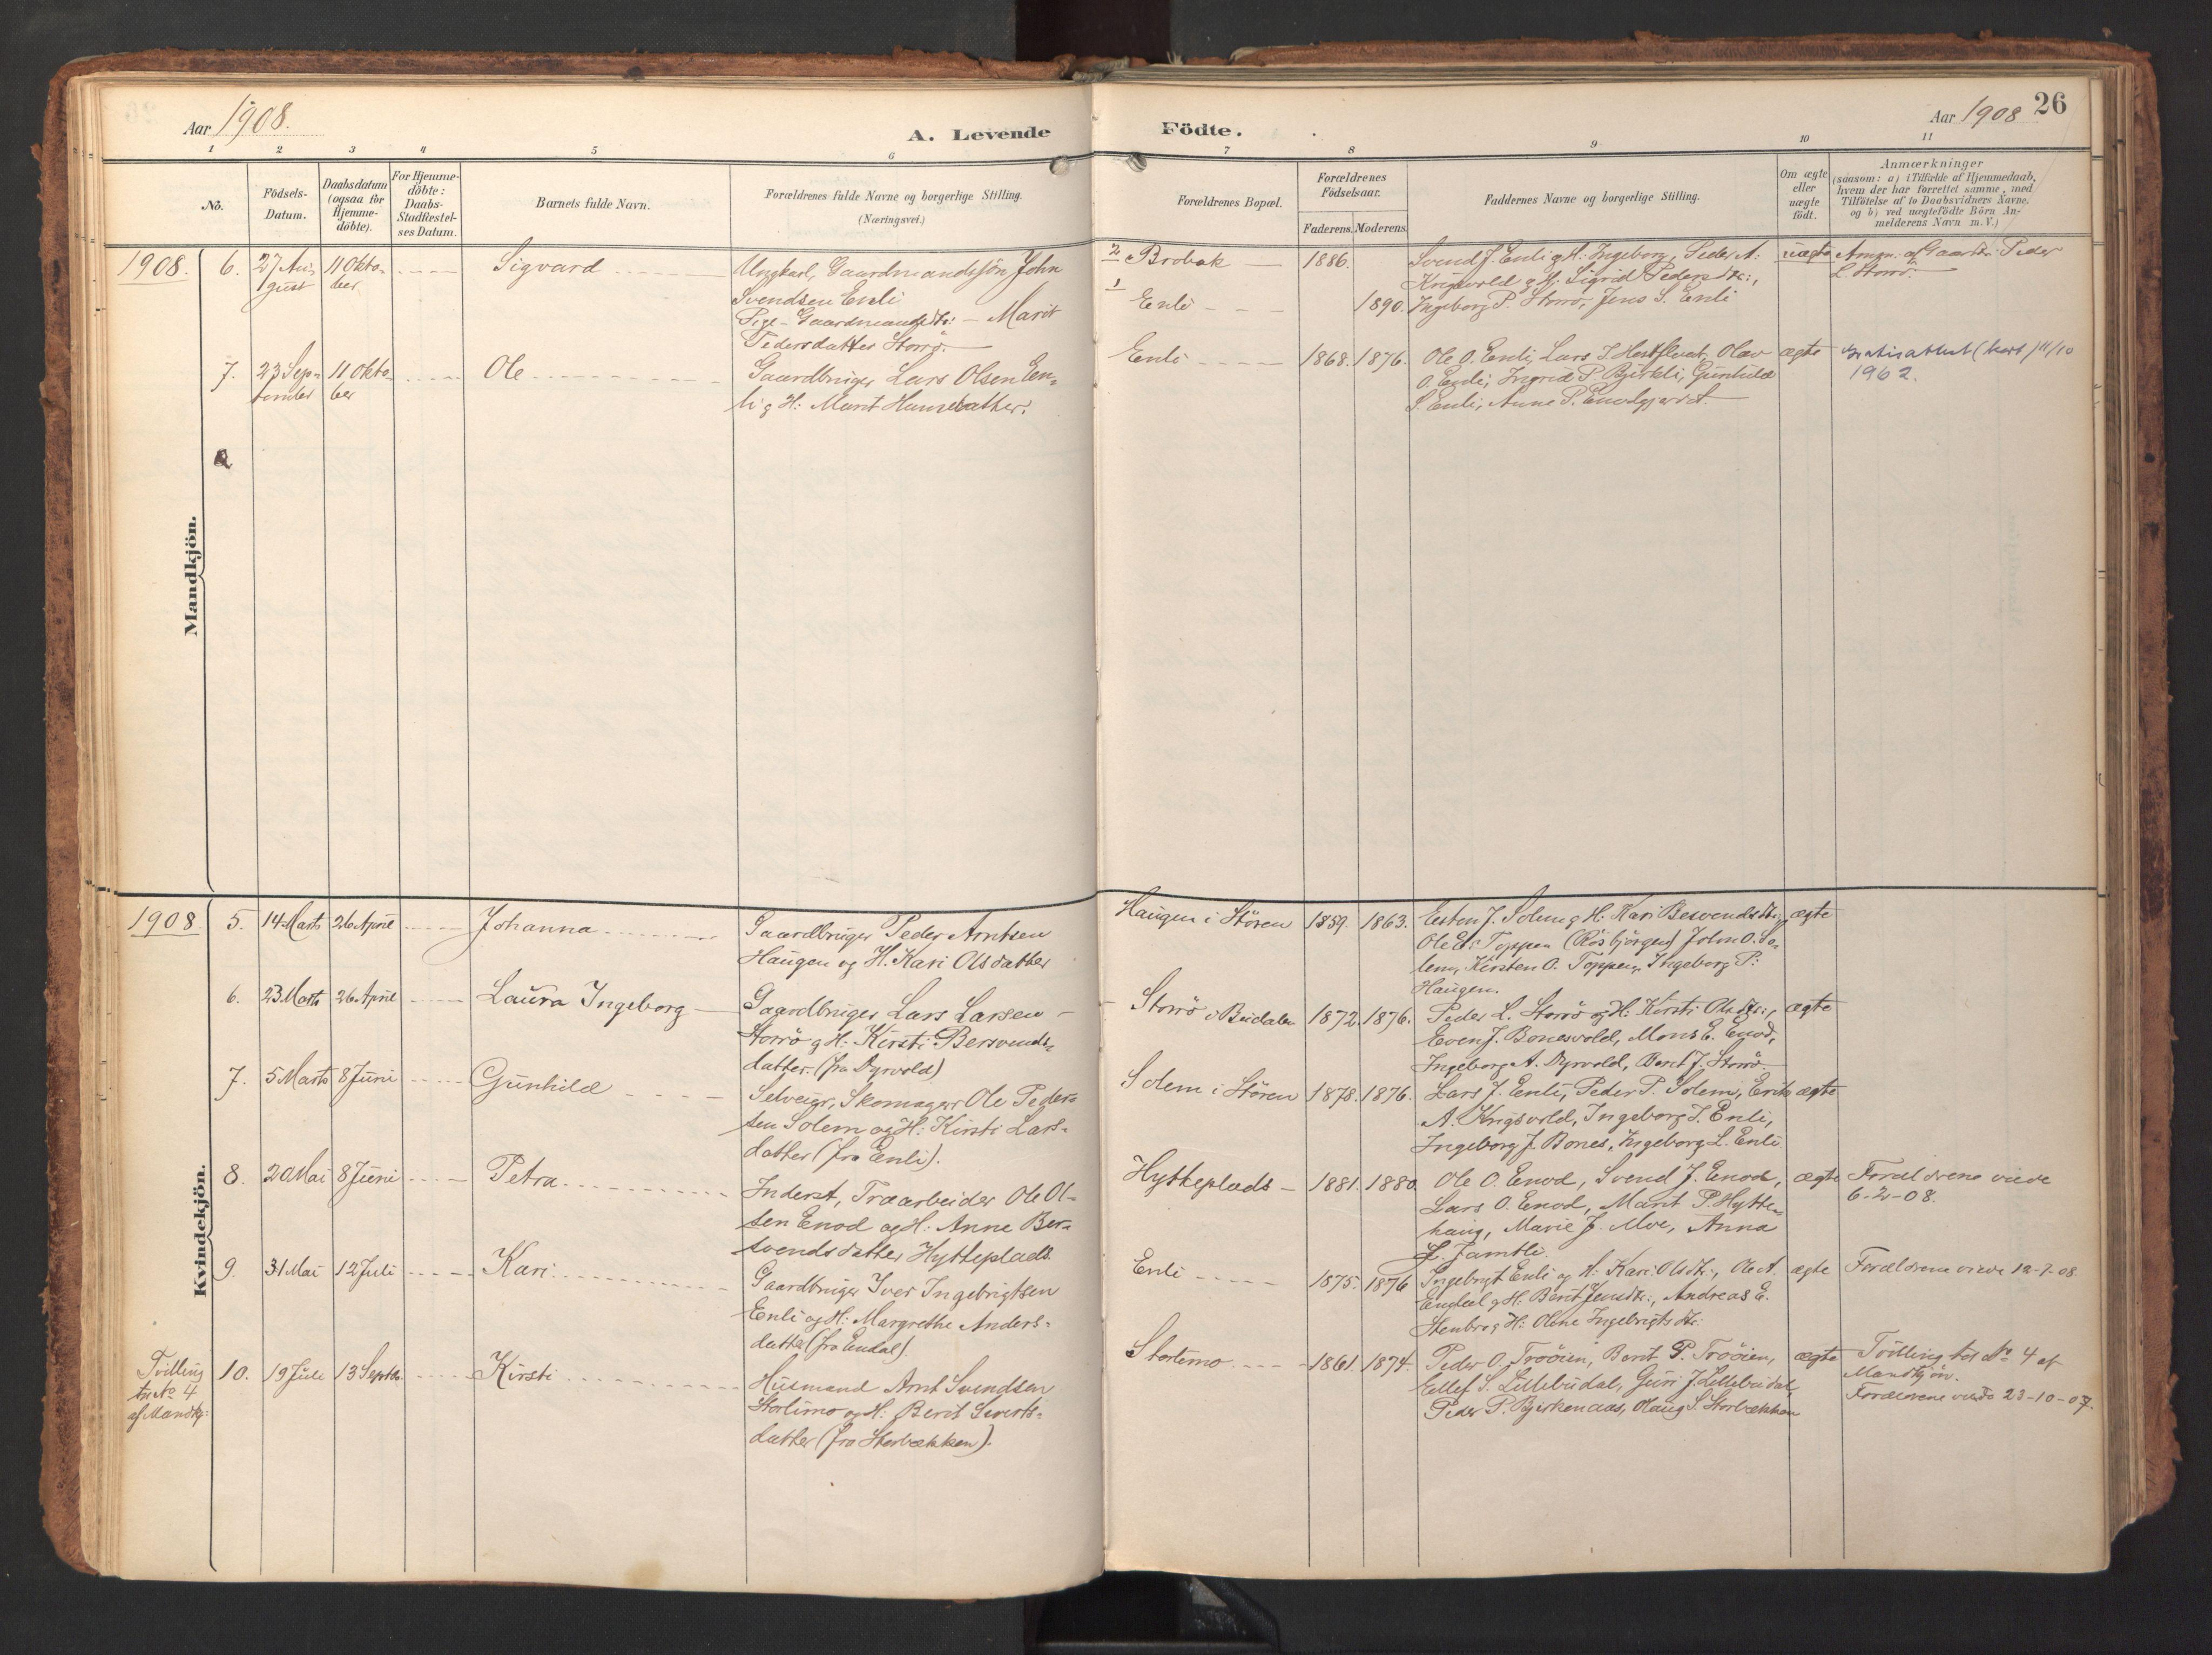 SAT, Ministerialprotokoller, klokkerbøker og fødselsregistre - Sør-Trøndelag, 690/L1050: Ministerialbok nr. 690A01, 1889-1929, s. 26